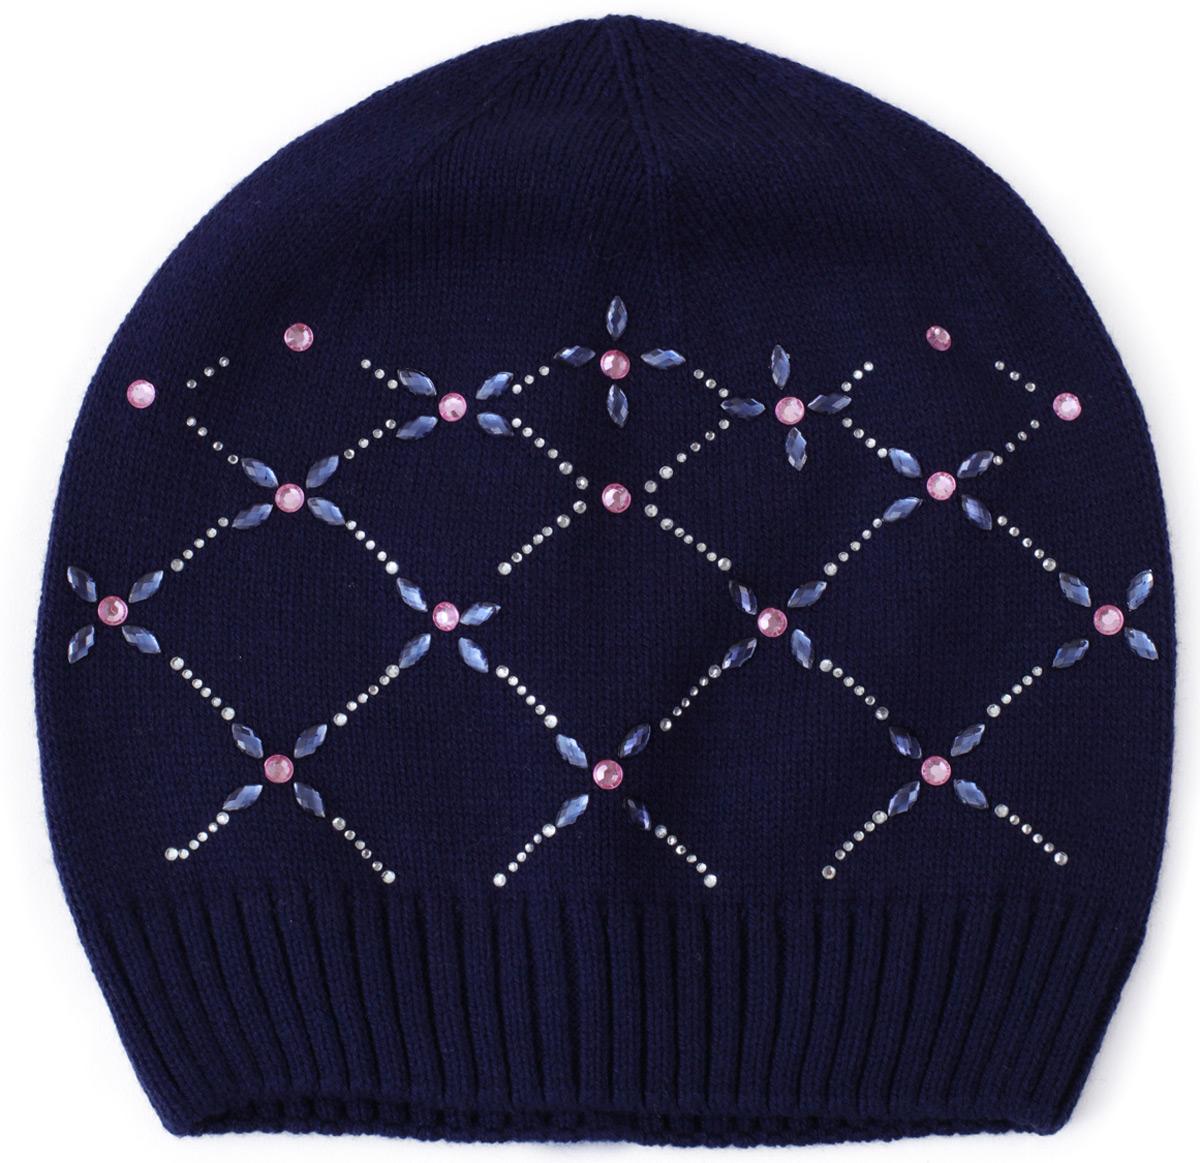 Шапка для девочки PlayToday, цвет: темно-синий. 182077. Размер 52182077Однослойная вязаная шапка без завязок, из ткани с высоким содержанием натурального хлопка. Хорошо облегает голову. Декорирована аппликацией из страз.